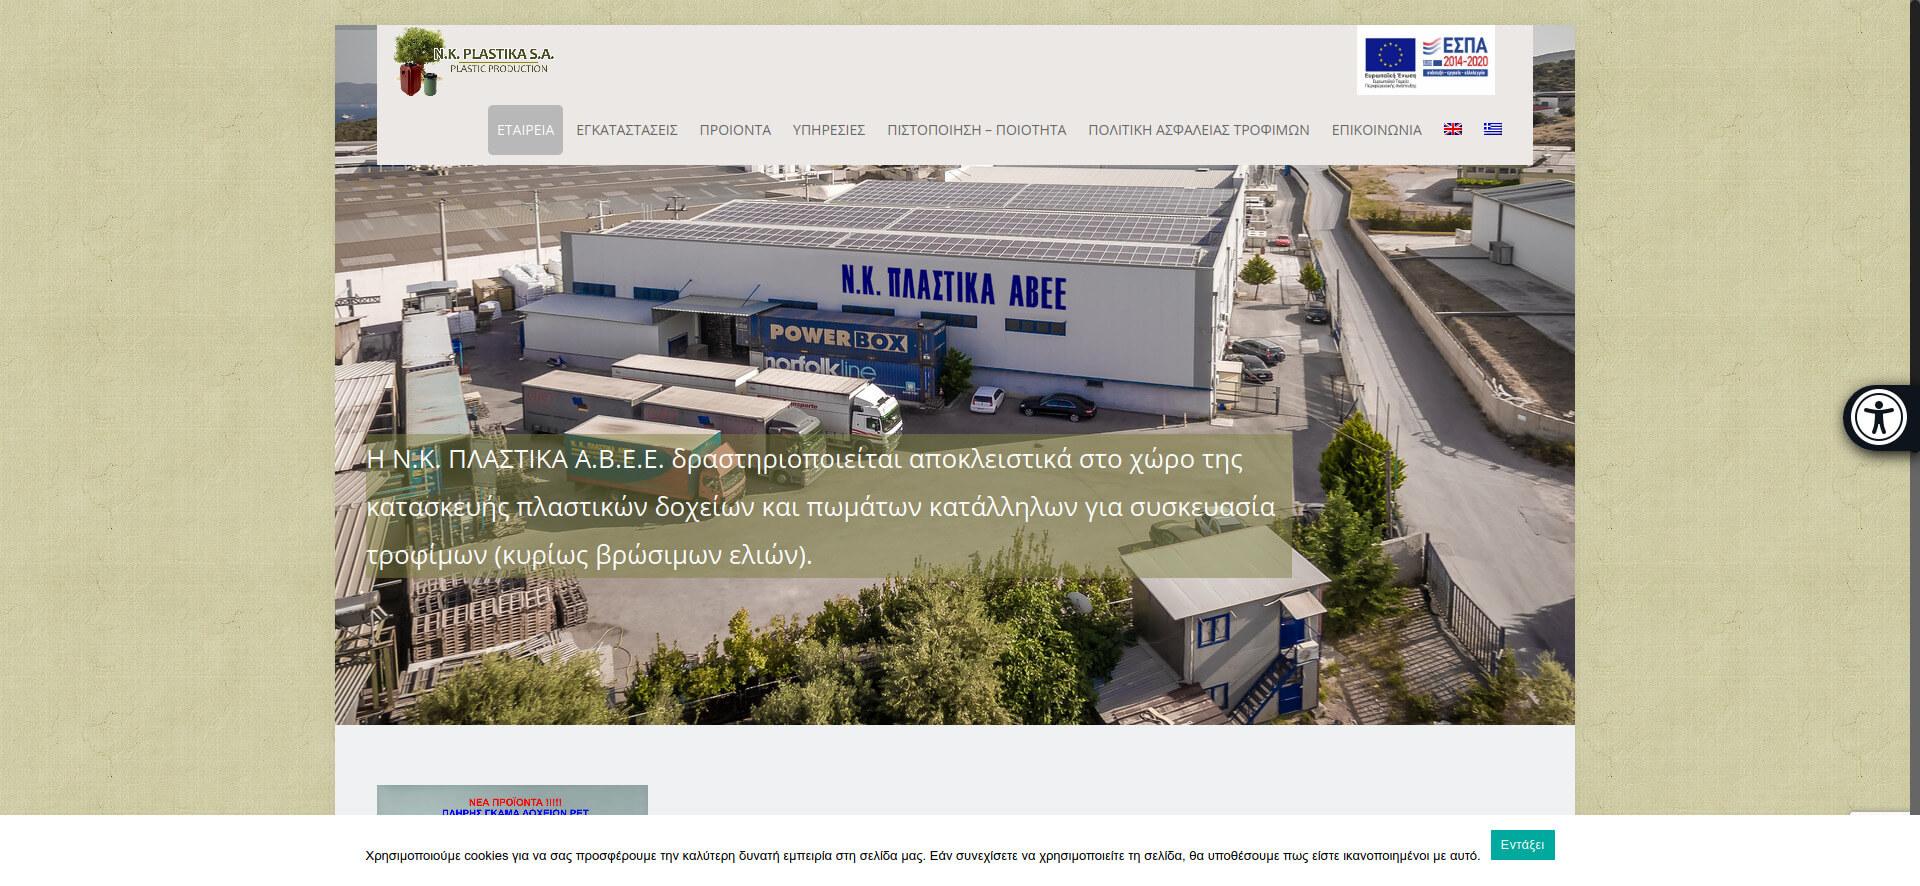 Μπάρα Προσβασιμότητας ΑμεΑ Eucleides - Ιστοσελίδες κατάλληλες για ΑμεΑ σύμφωνα με το πρότυπο WCAG 2.0 - Εγκατάσταση σε όλες τις πλατφόρμες ιστοτόπων - nkplastika.gr